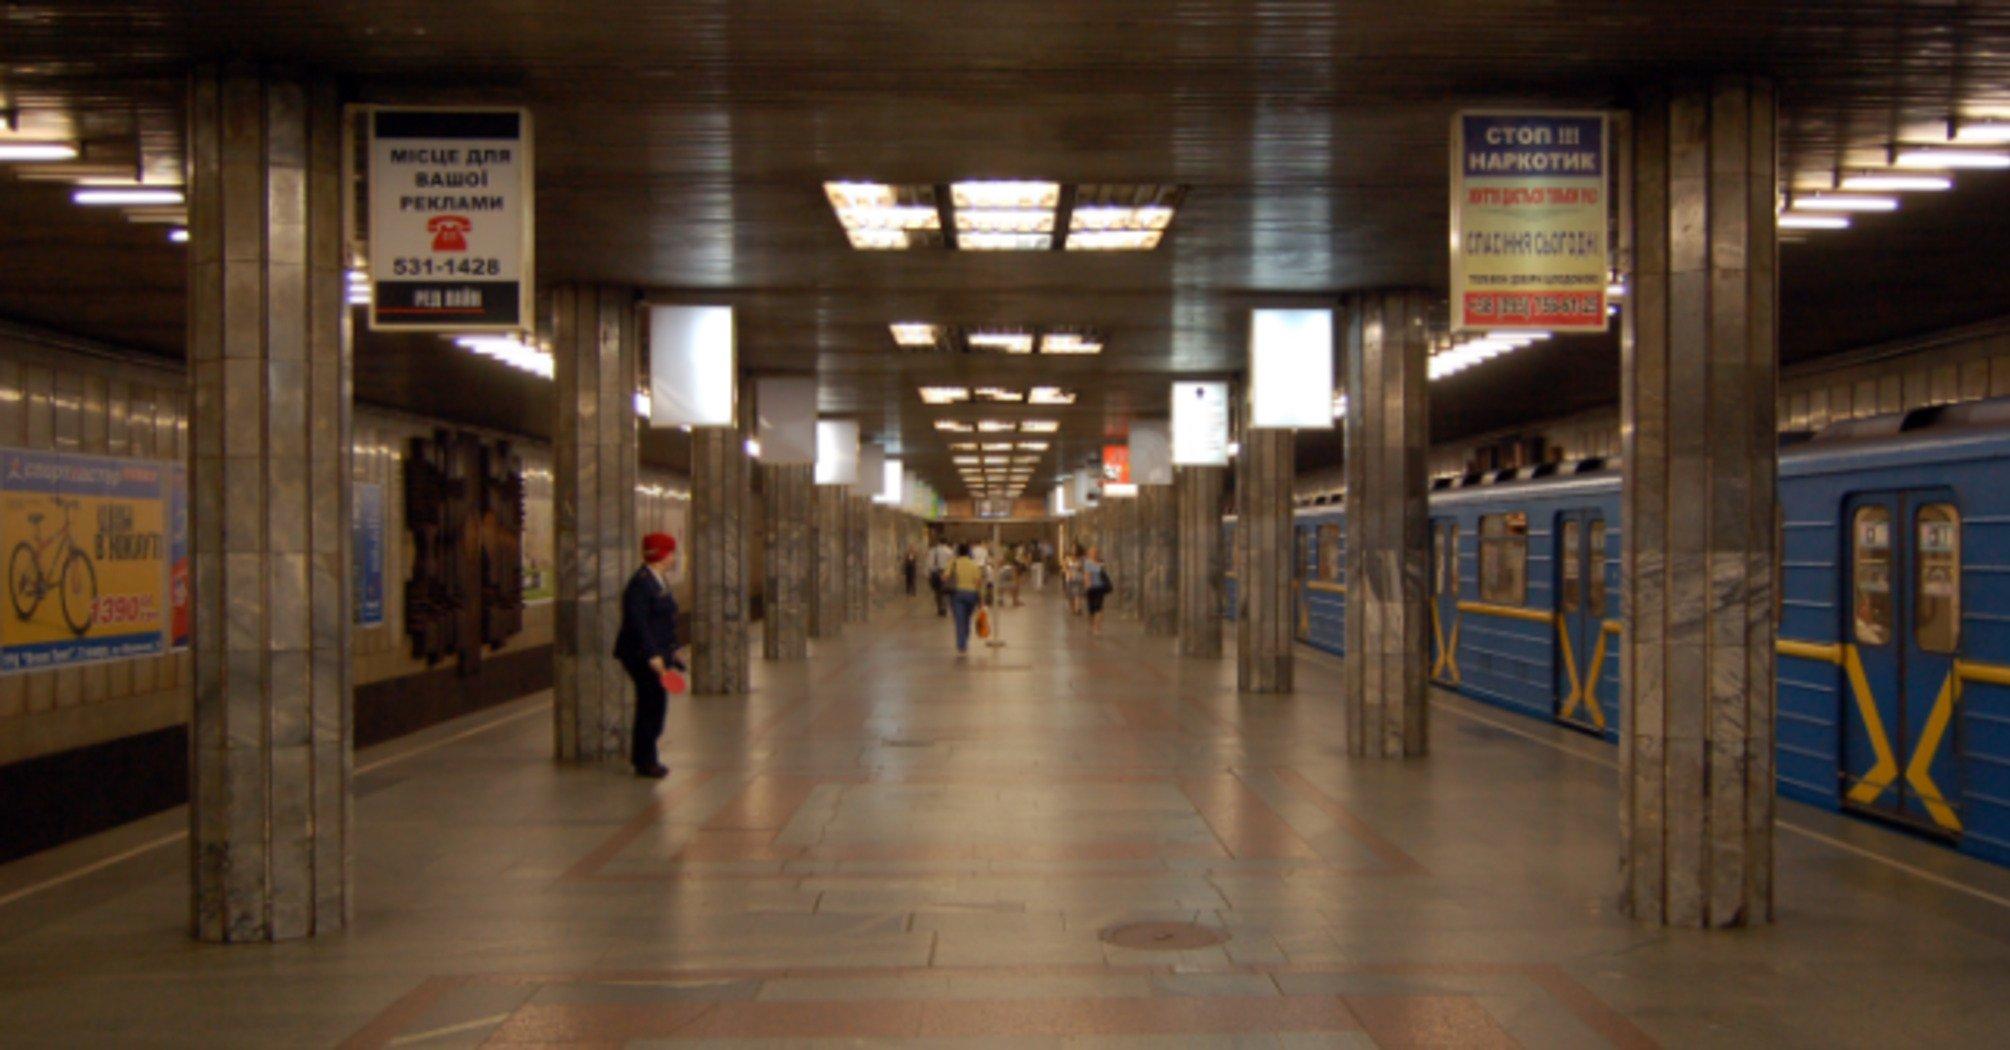 Кличко назвал реальную стоимость проезда в общественном транспорте Киева